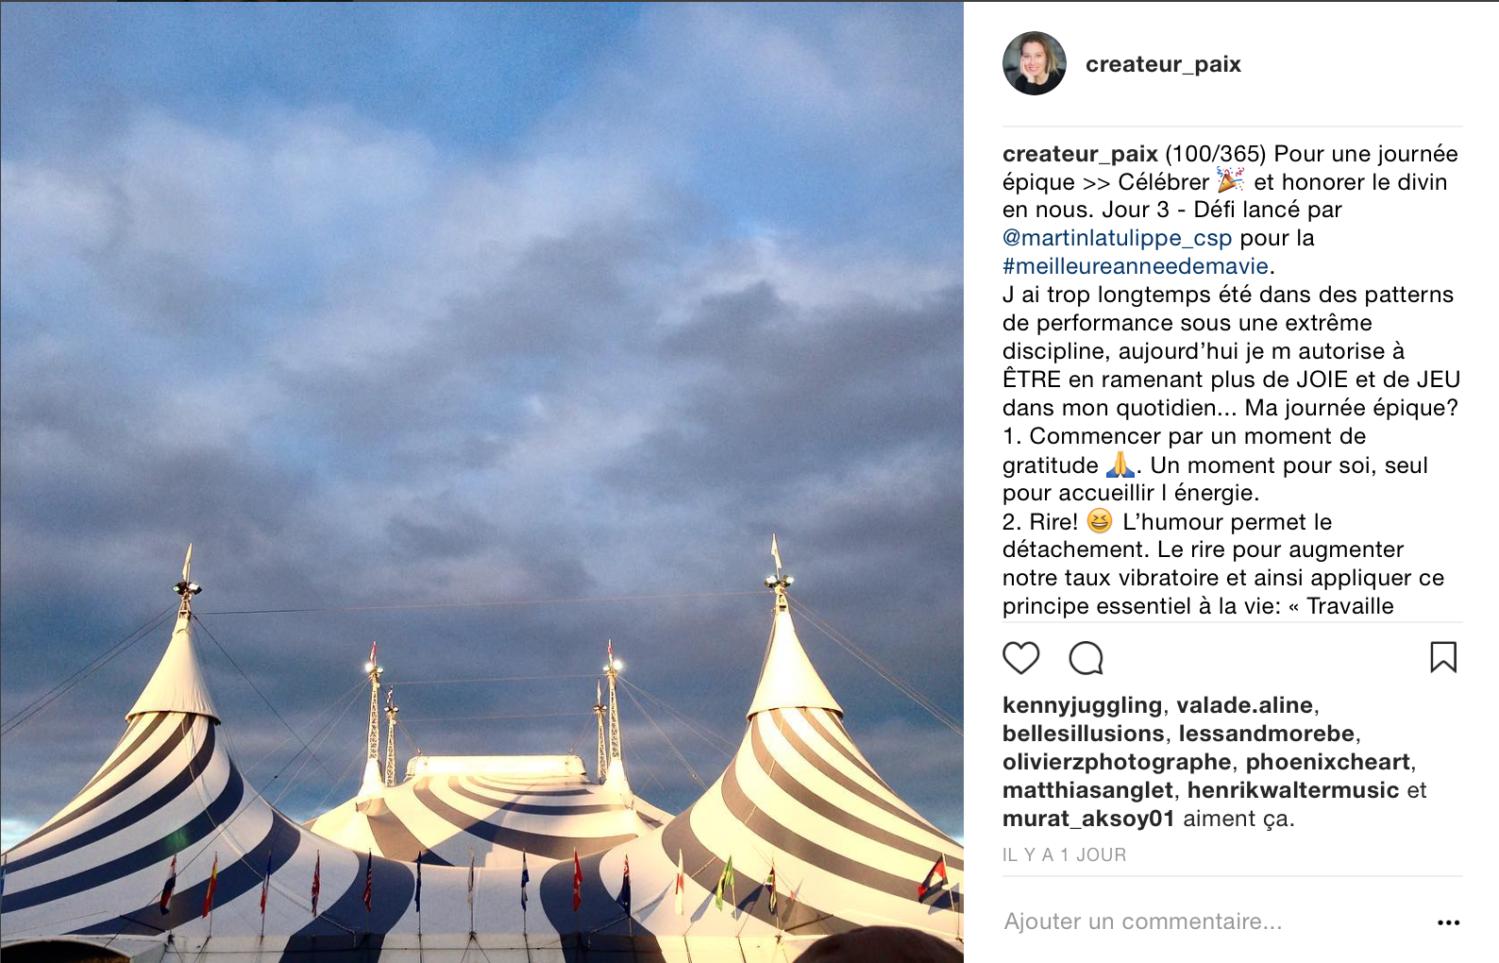 Cirque du Soleil - Créateur Paix - Créateur recherche Paix intérieure